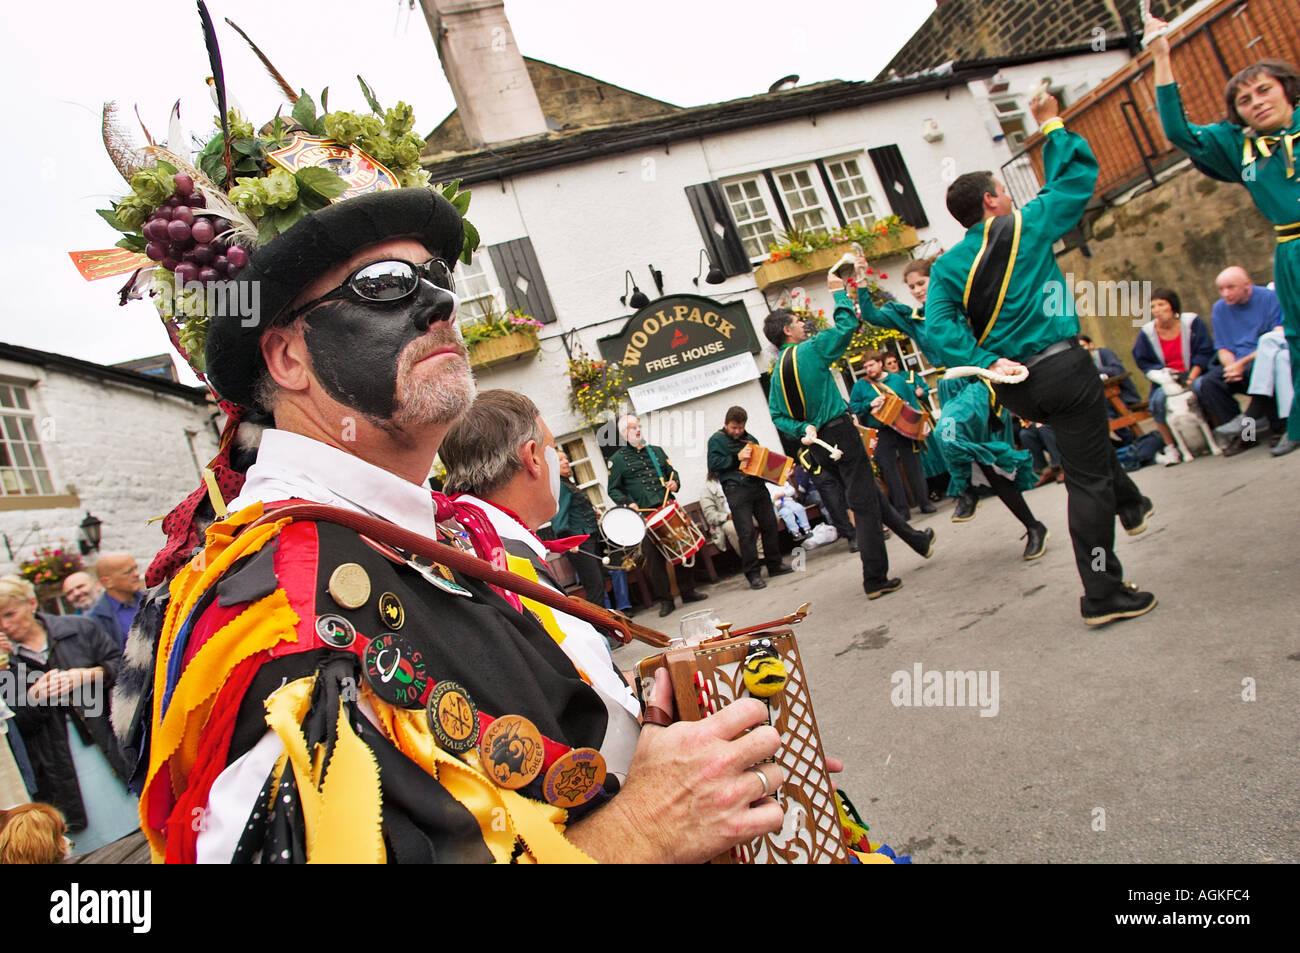 Wayzgoose morris uomo suona la fisarmonica per i ballerini morris dancing a un festival di musica popolare Yorkshire England Regno Unito Immagini Stock